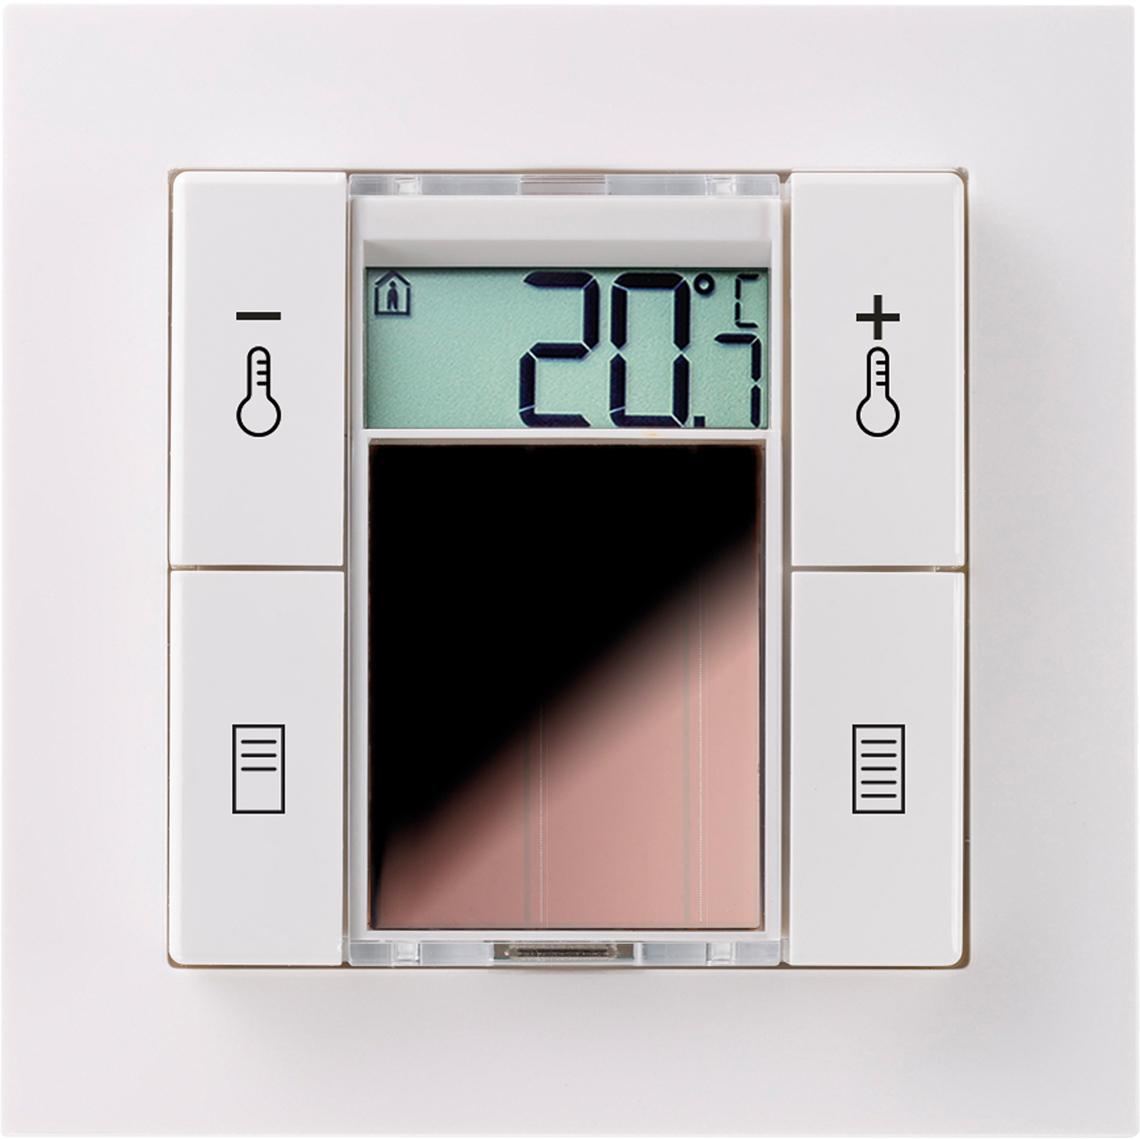 SR06 LCD 2T+Blind Gira E2 reinweiß glänzend Produktbild